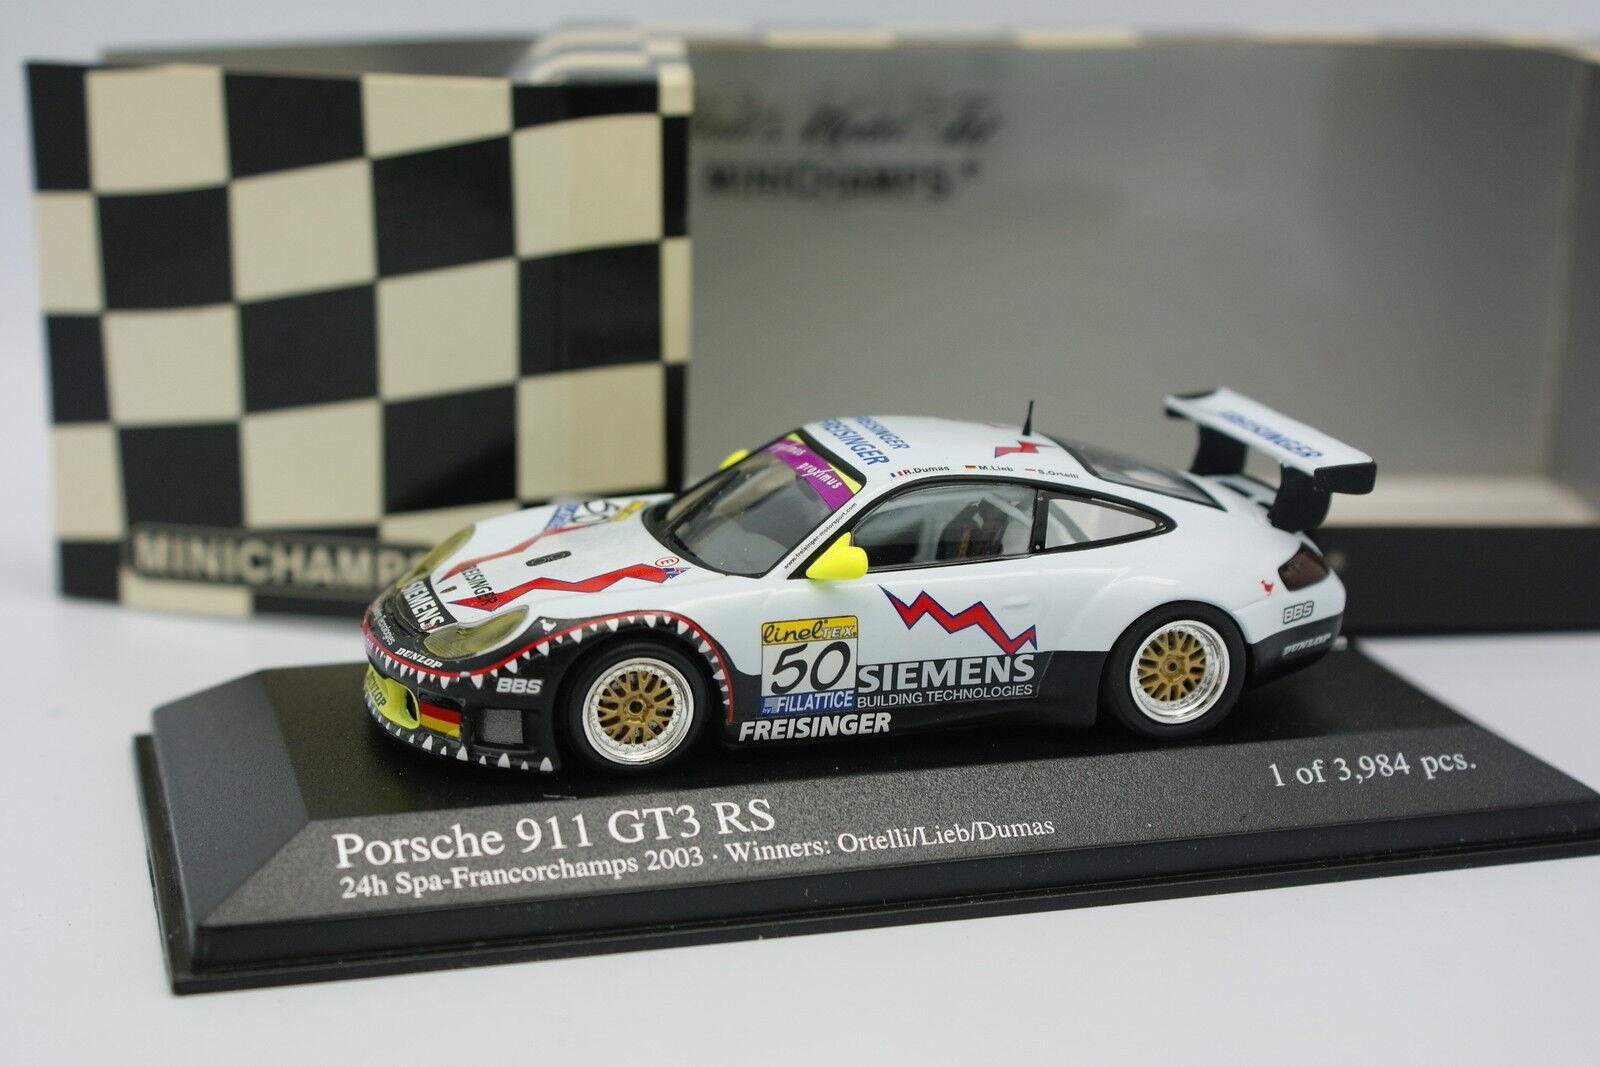 Minichamps 1 43 - Porsche 911 GT3 RS Spa Francorchamps 2003 n°50